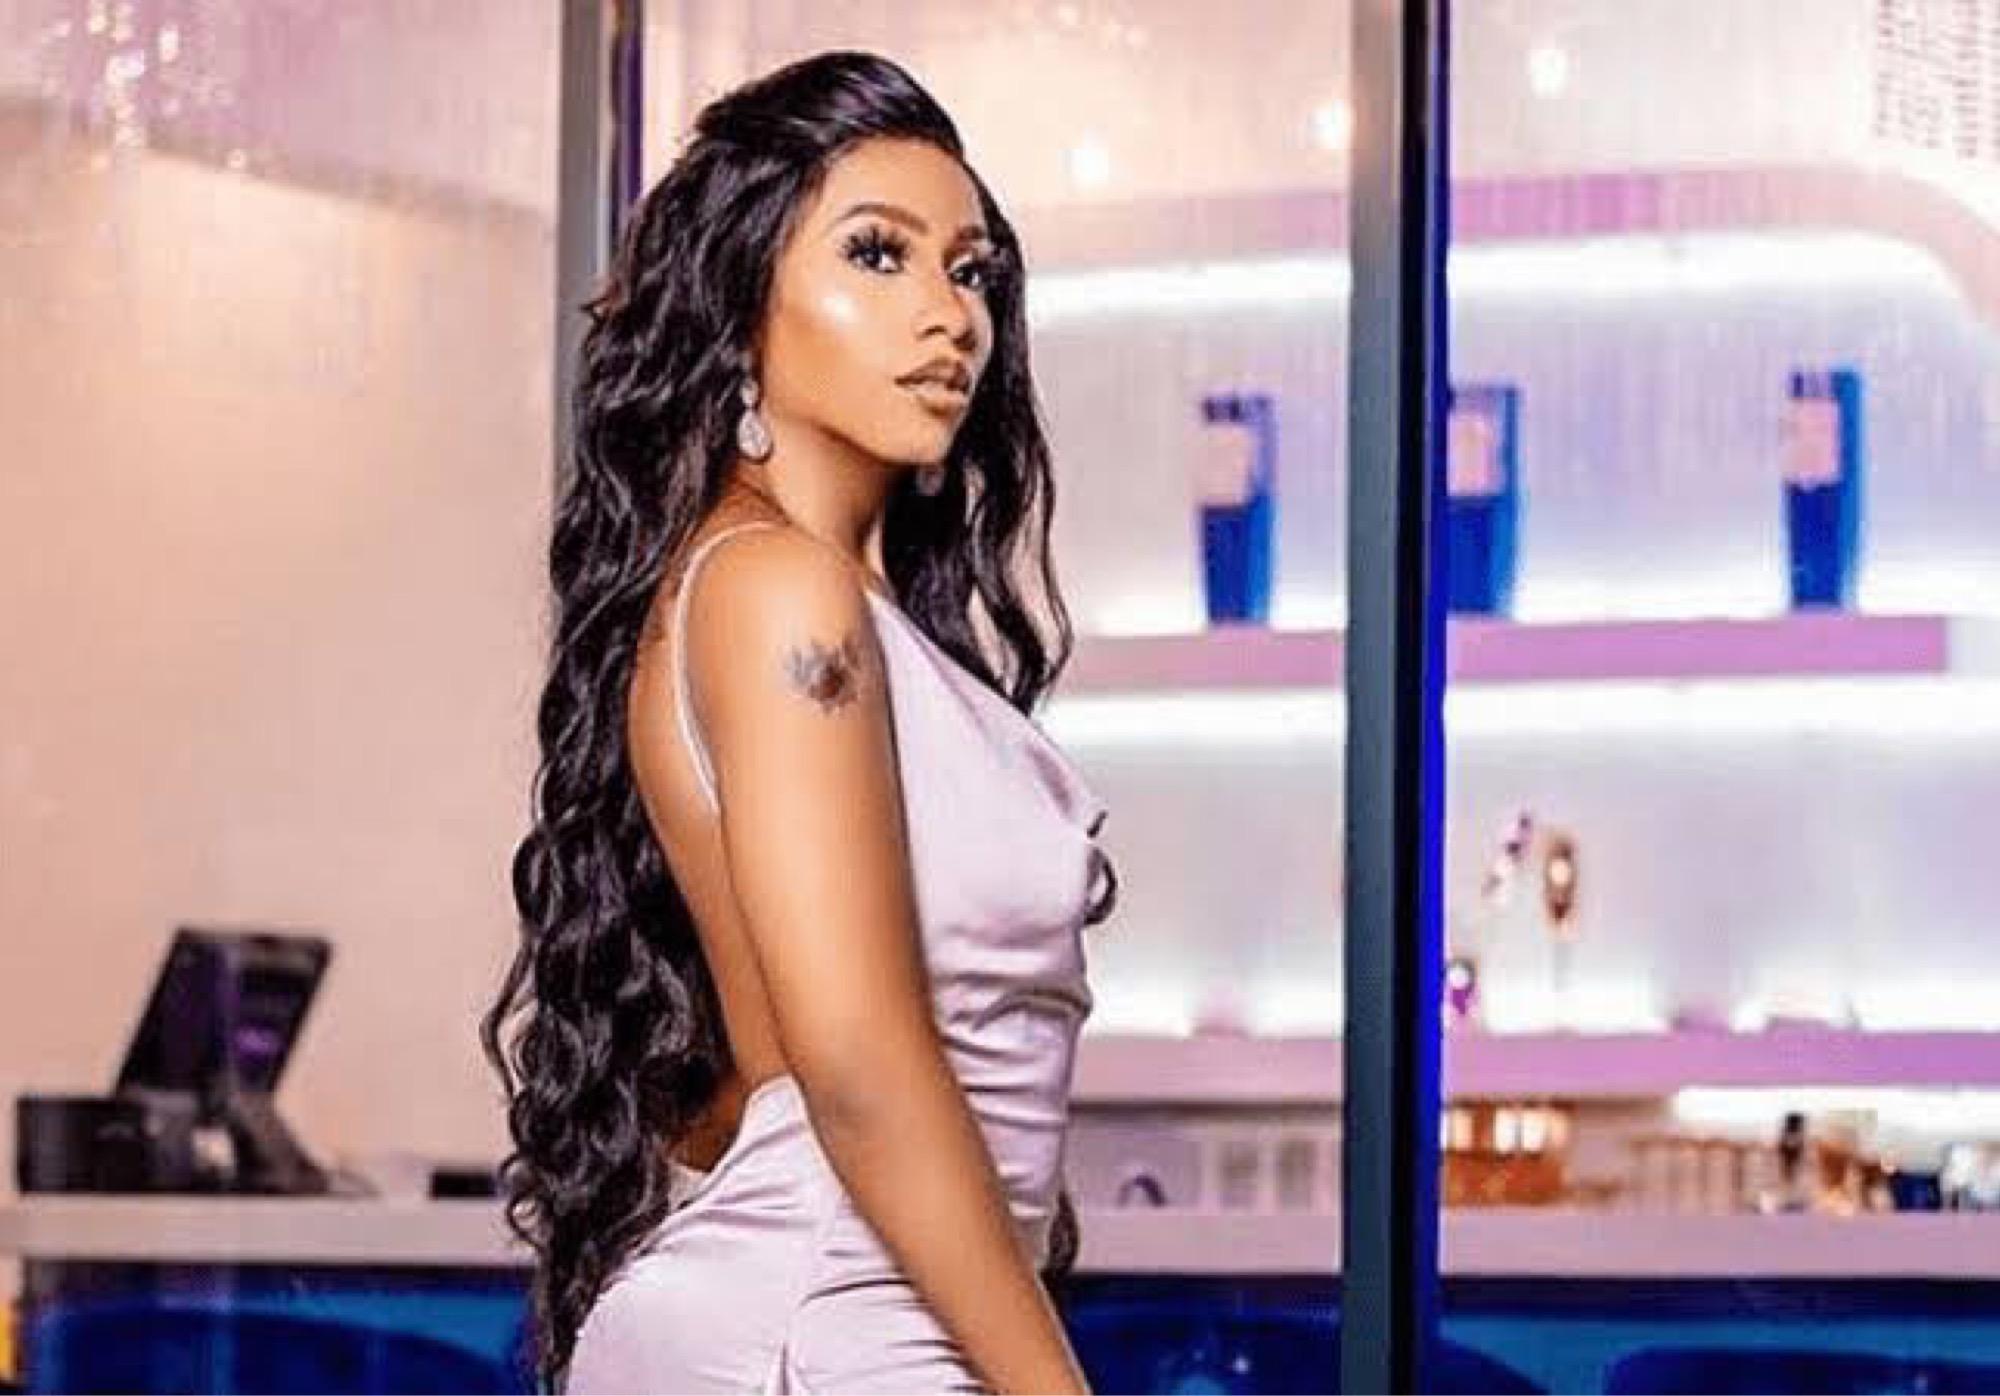 BBNaija's Mercy Eke Suffers Wardrobe Malfunction In Dubai